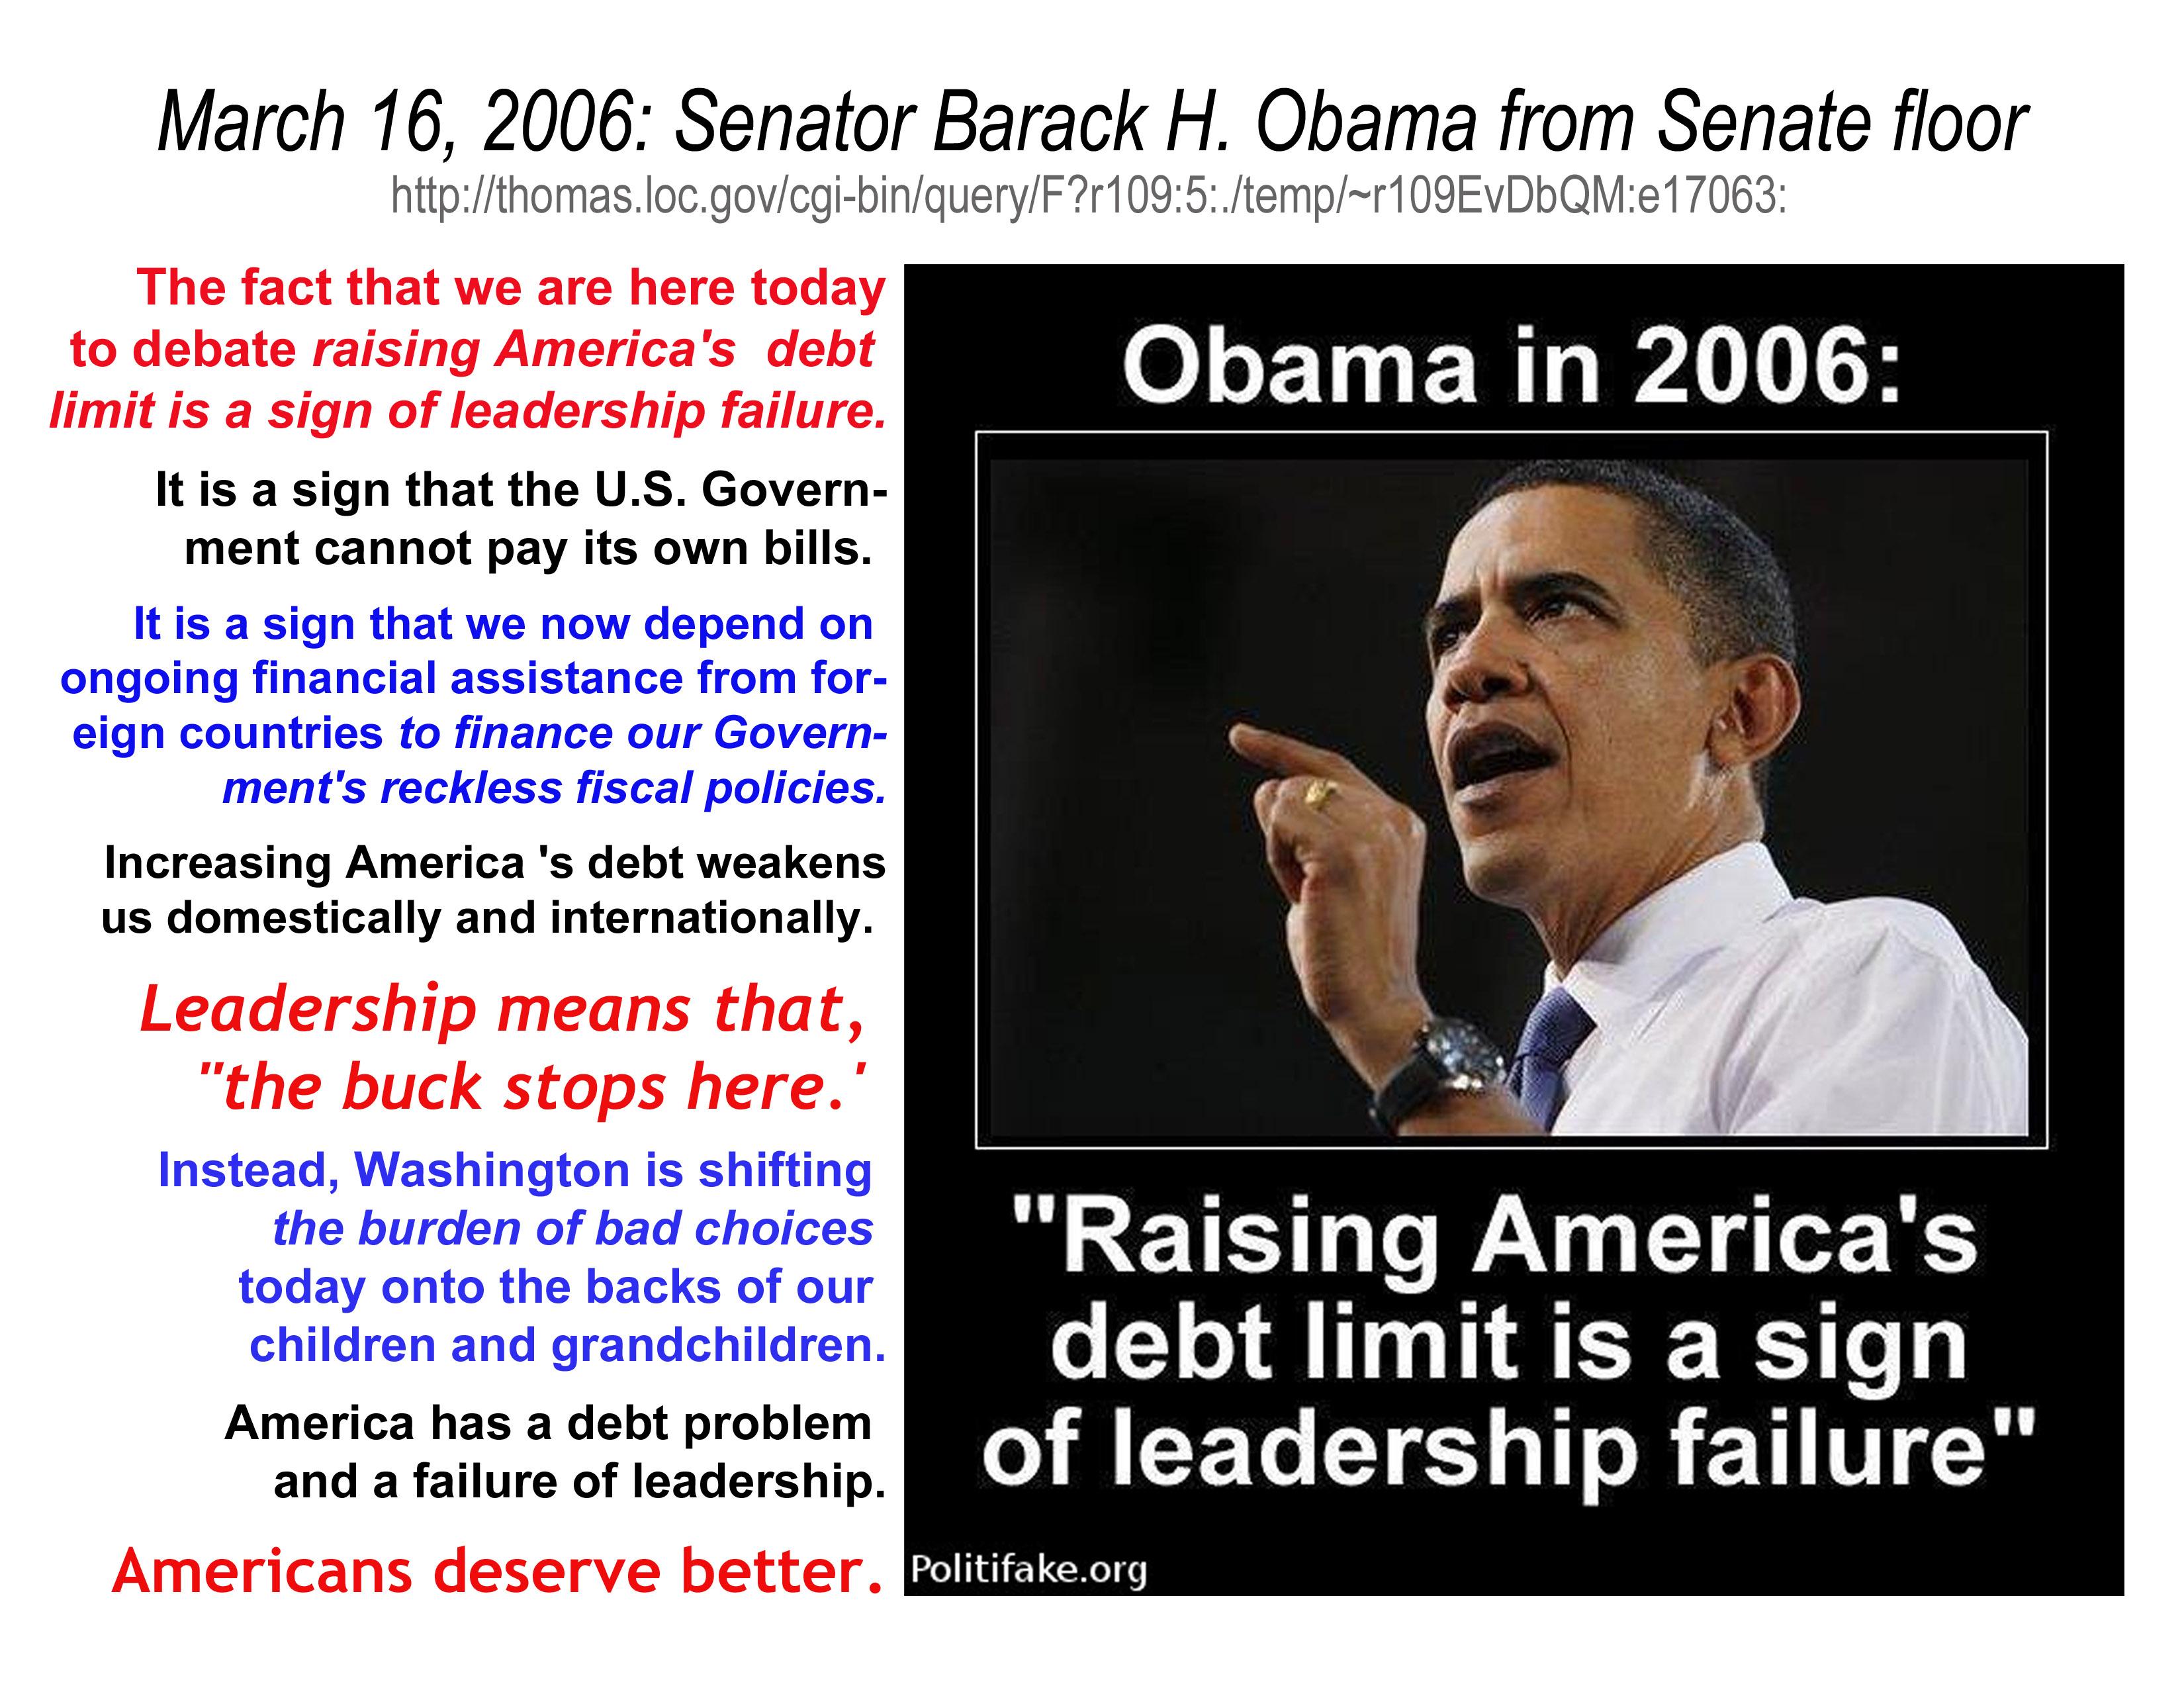 2006_03-16-raising-debt-limit-a-leadership-failure.jpg